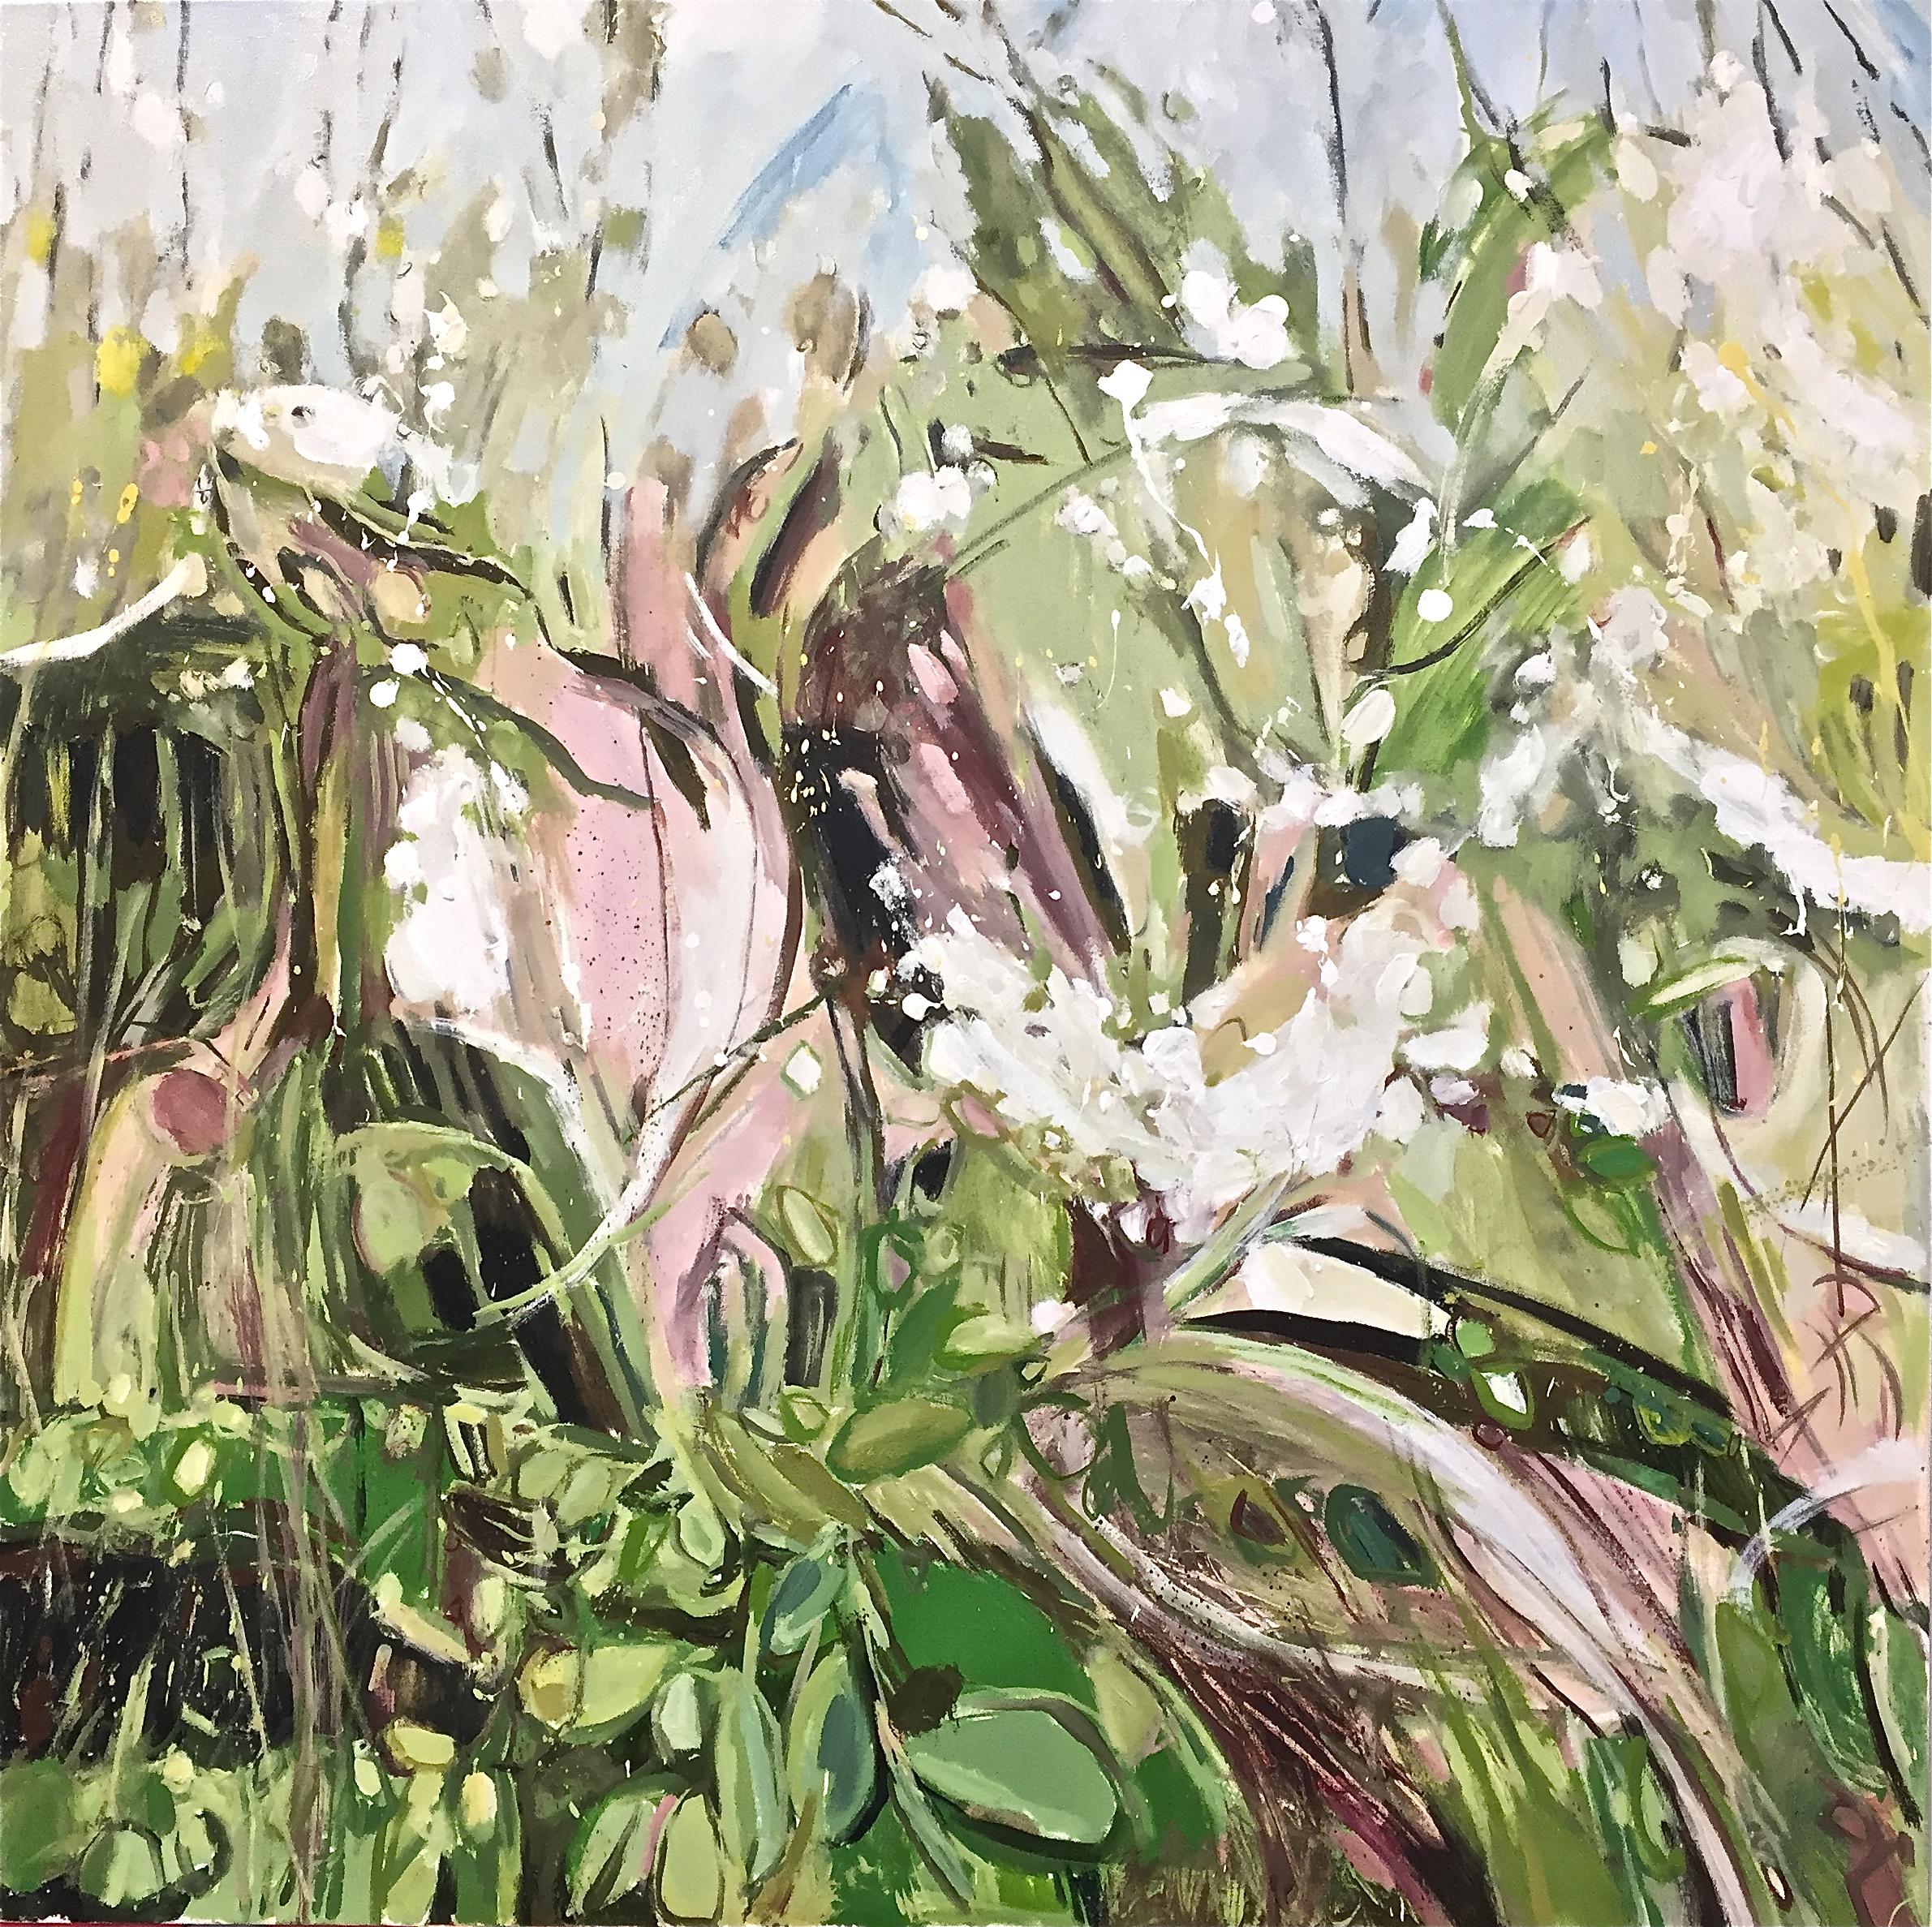 Blackthorn Hedgerow Gunthorpe, triptych 3